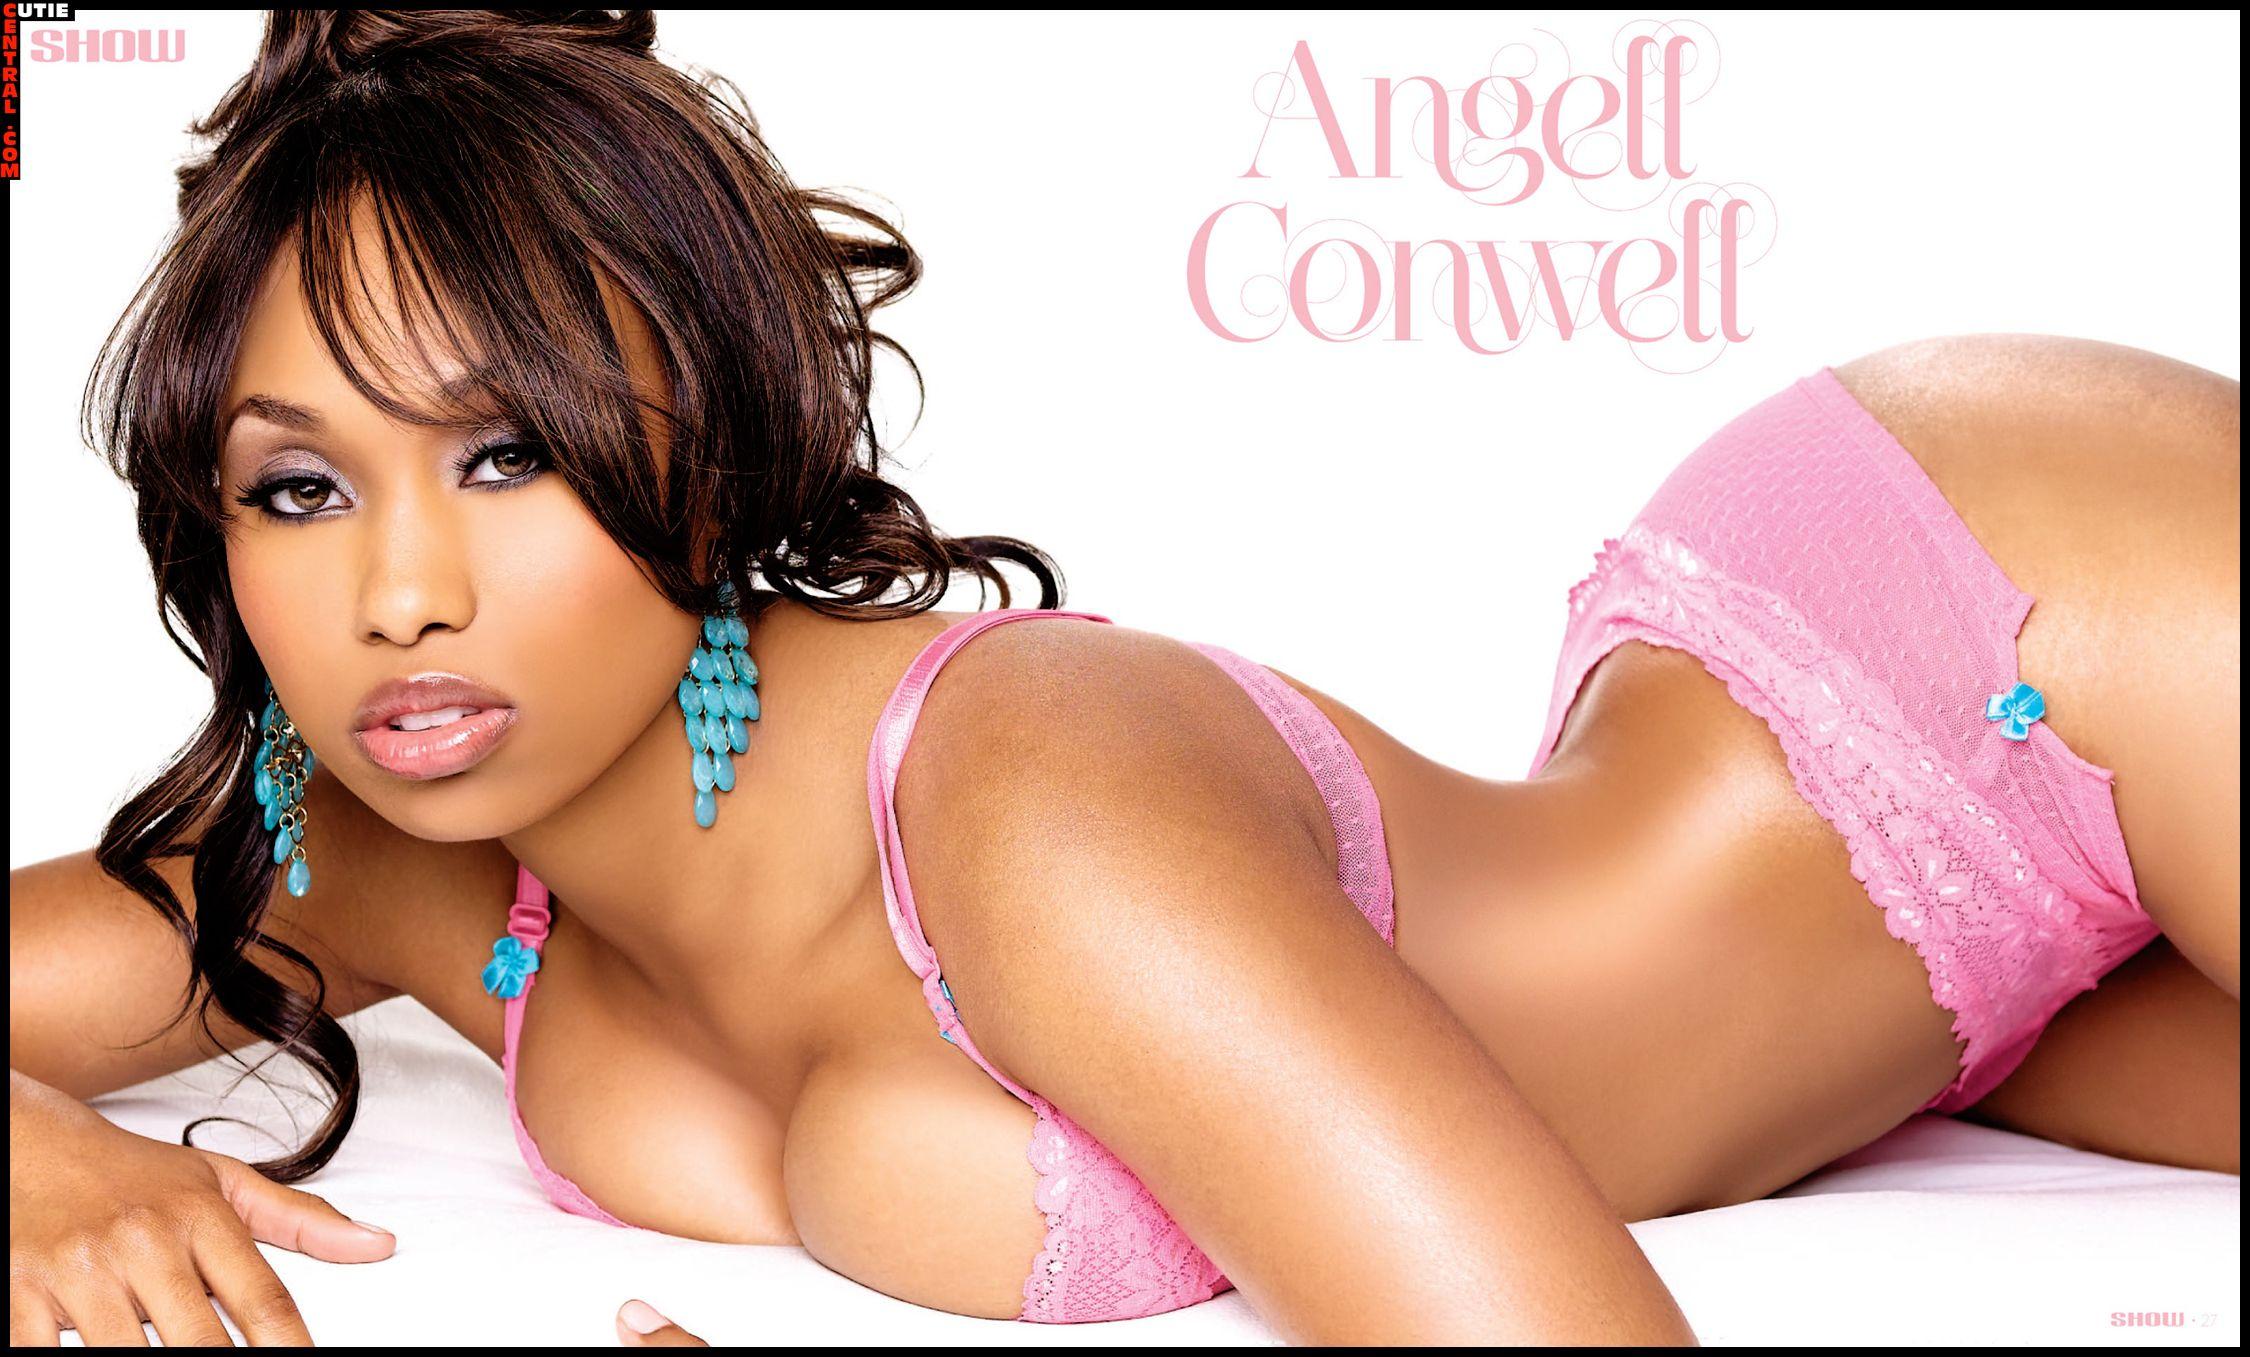 Sideboobs Butt Angell Conwell  nude (62 photos), 2019, in bikini